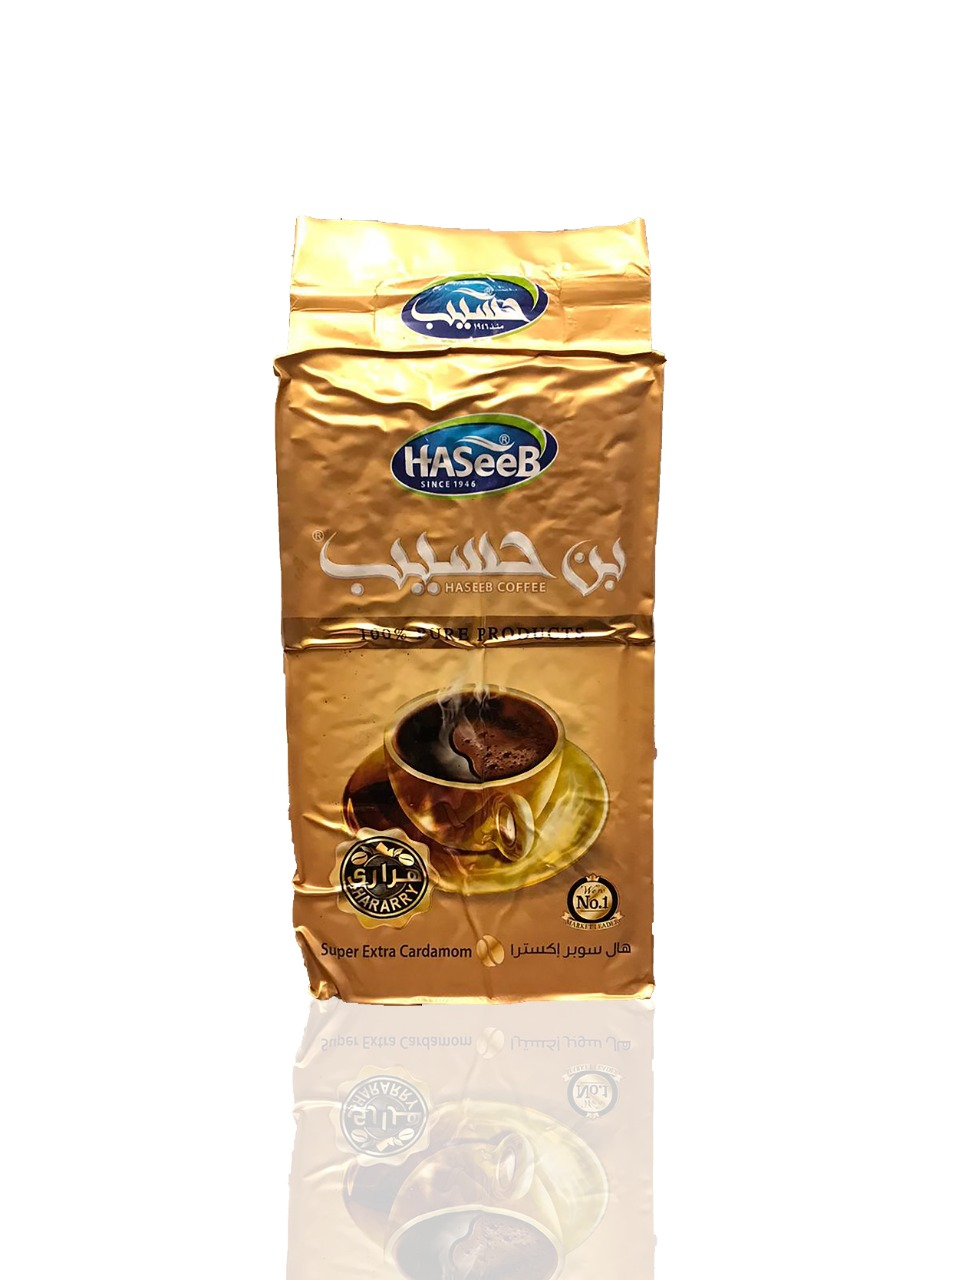 Haseeb Türkisch Arabisch Kaffee 500g قهوة حسيب